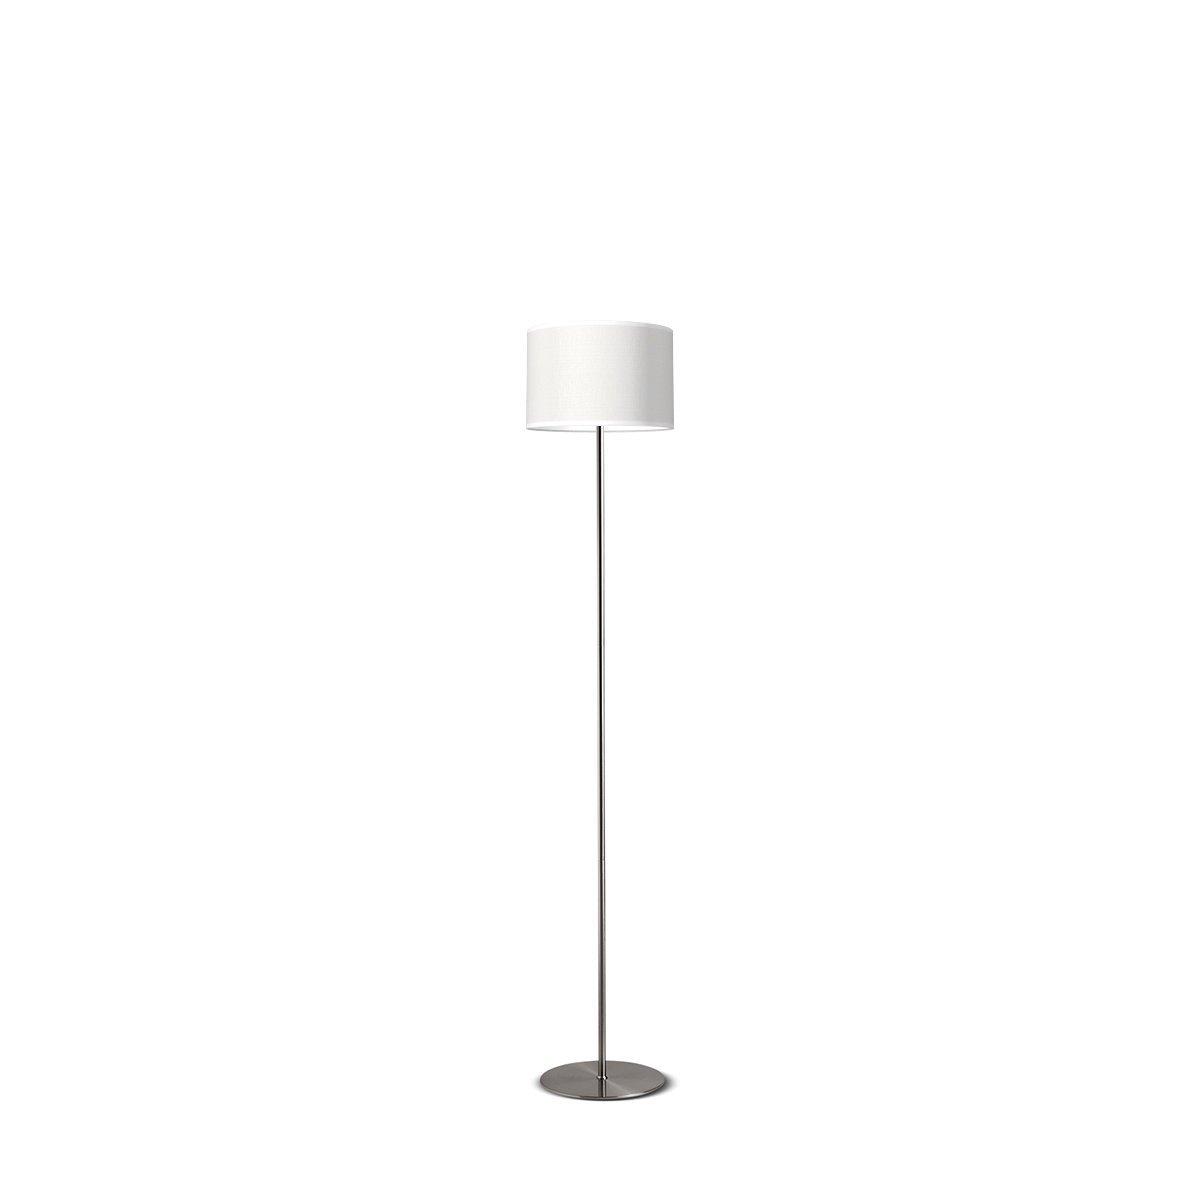 vloerlamp lift bling Ø 30 cm - wit